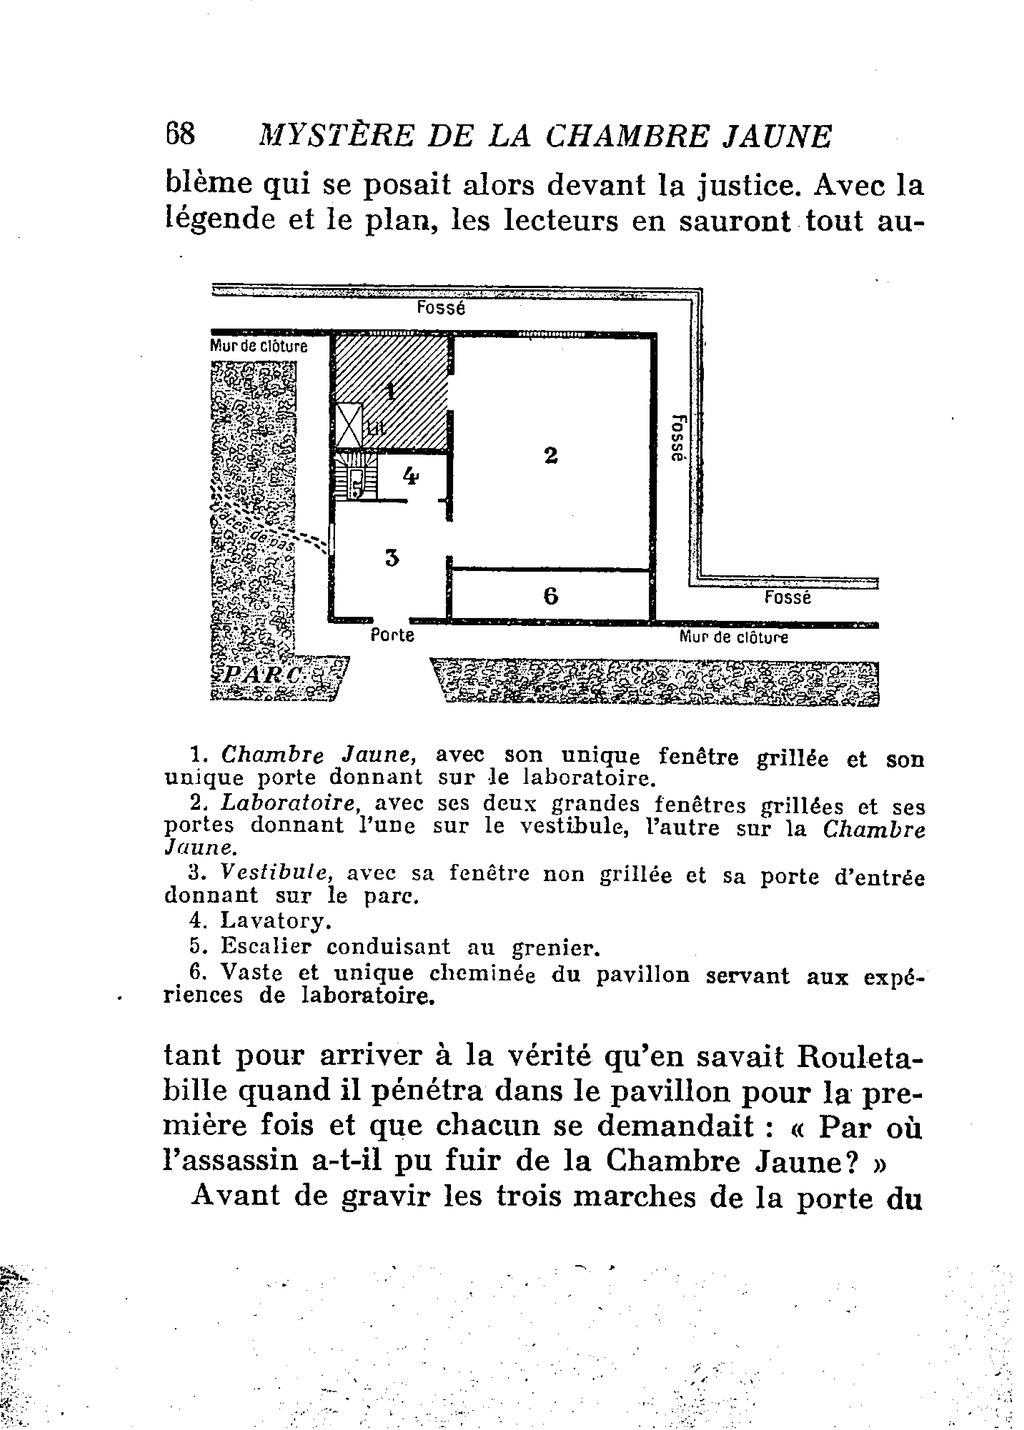 Page leroux le myst re de la chambre jaune 1932 partie wikisource - Le mistere de la chambre jaune ...